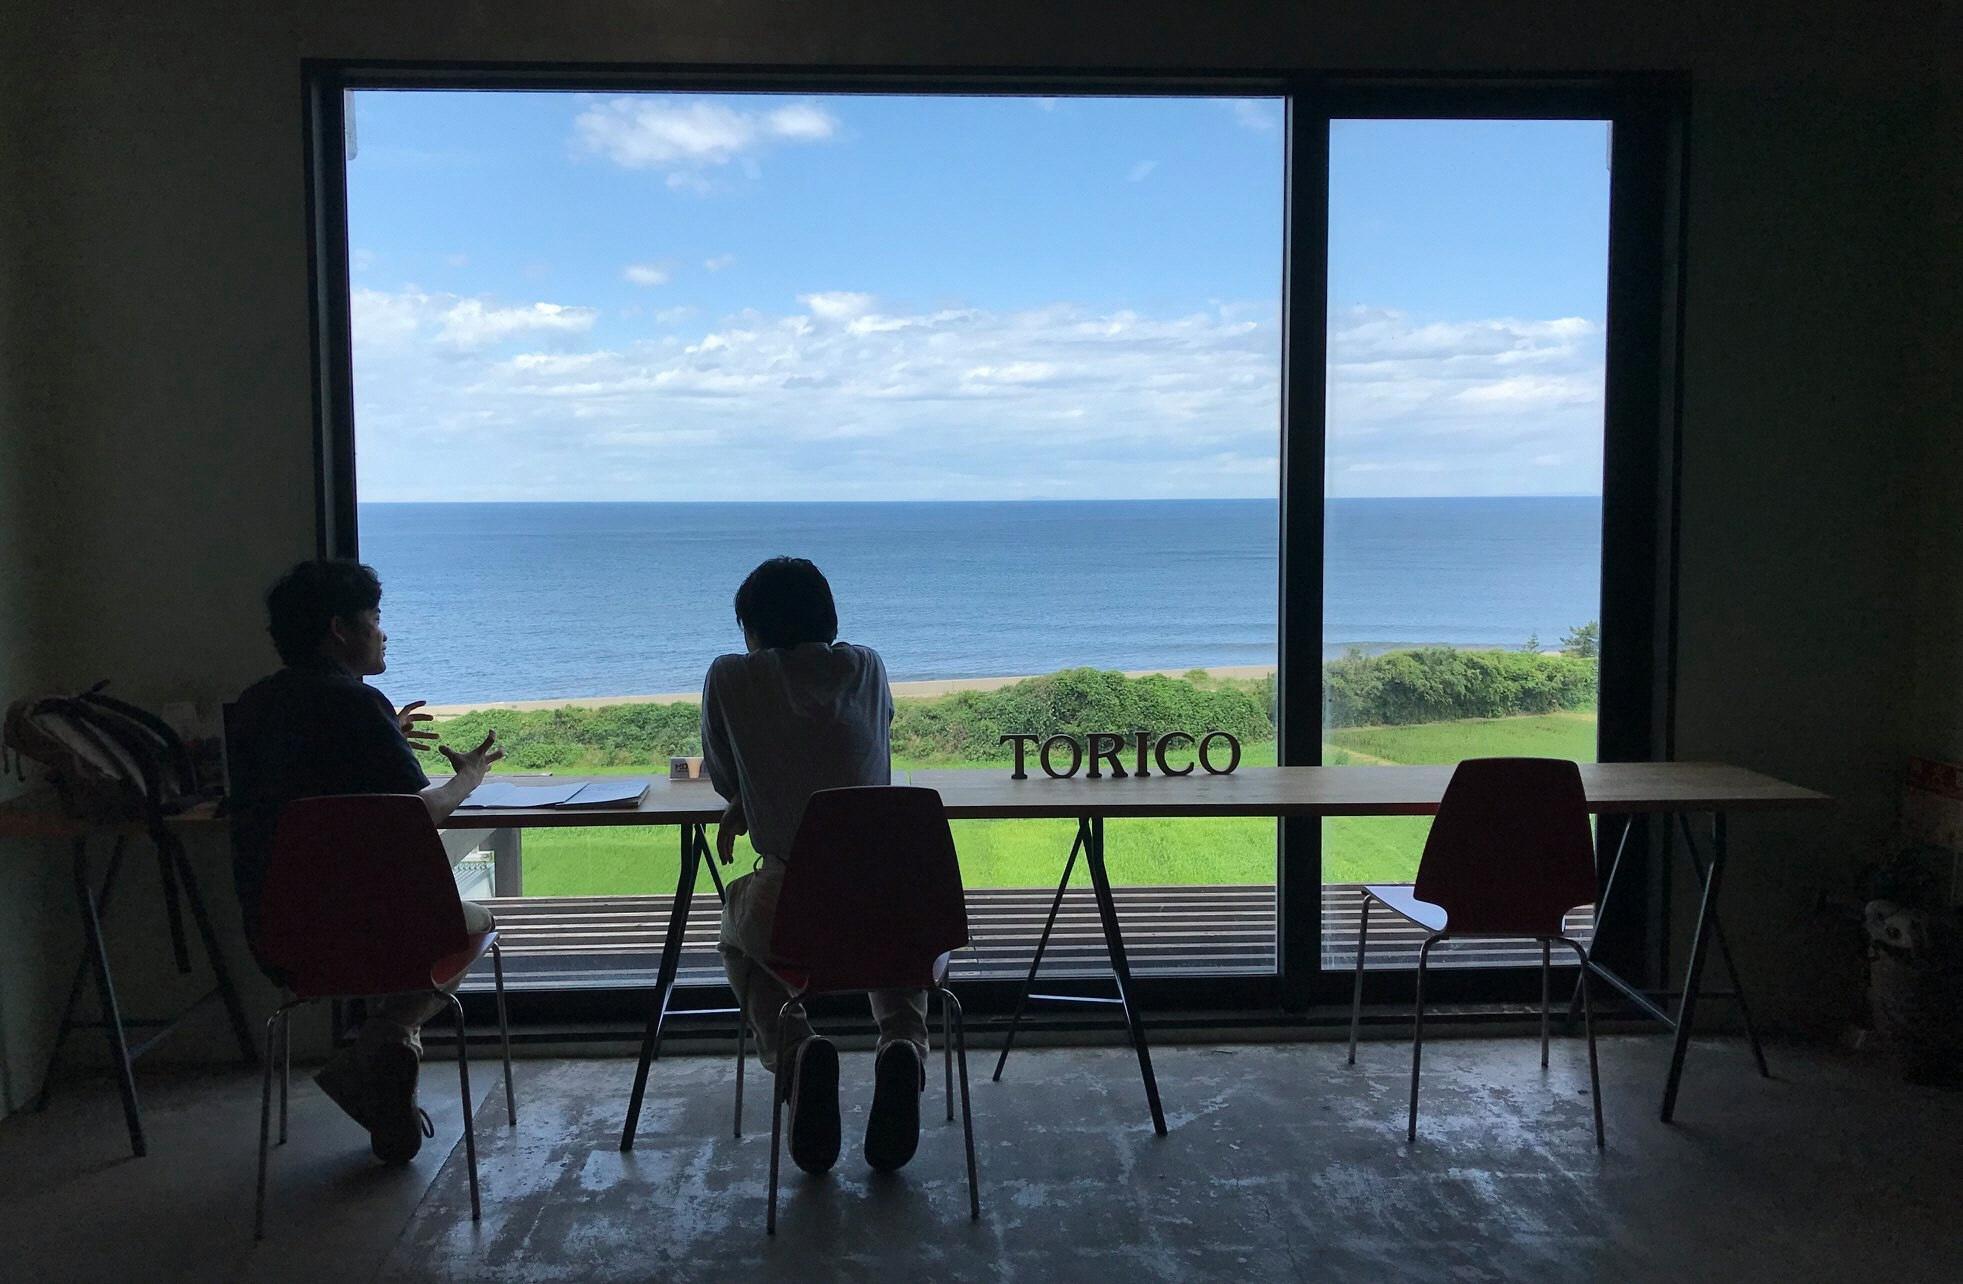 2021鳥取県・岡山県連携移住体験事業: 国立公園ワーケーションツアー